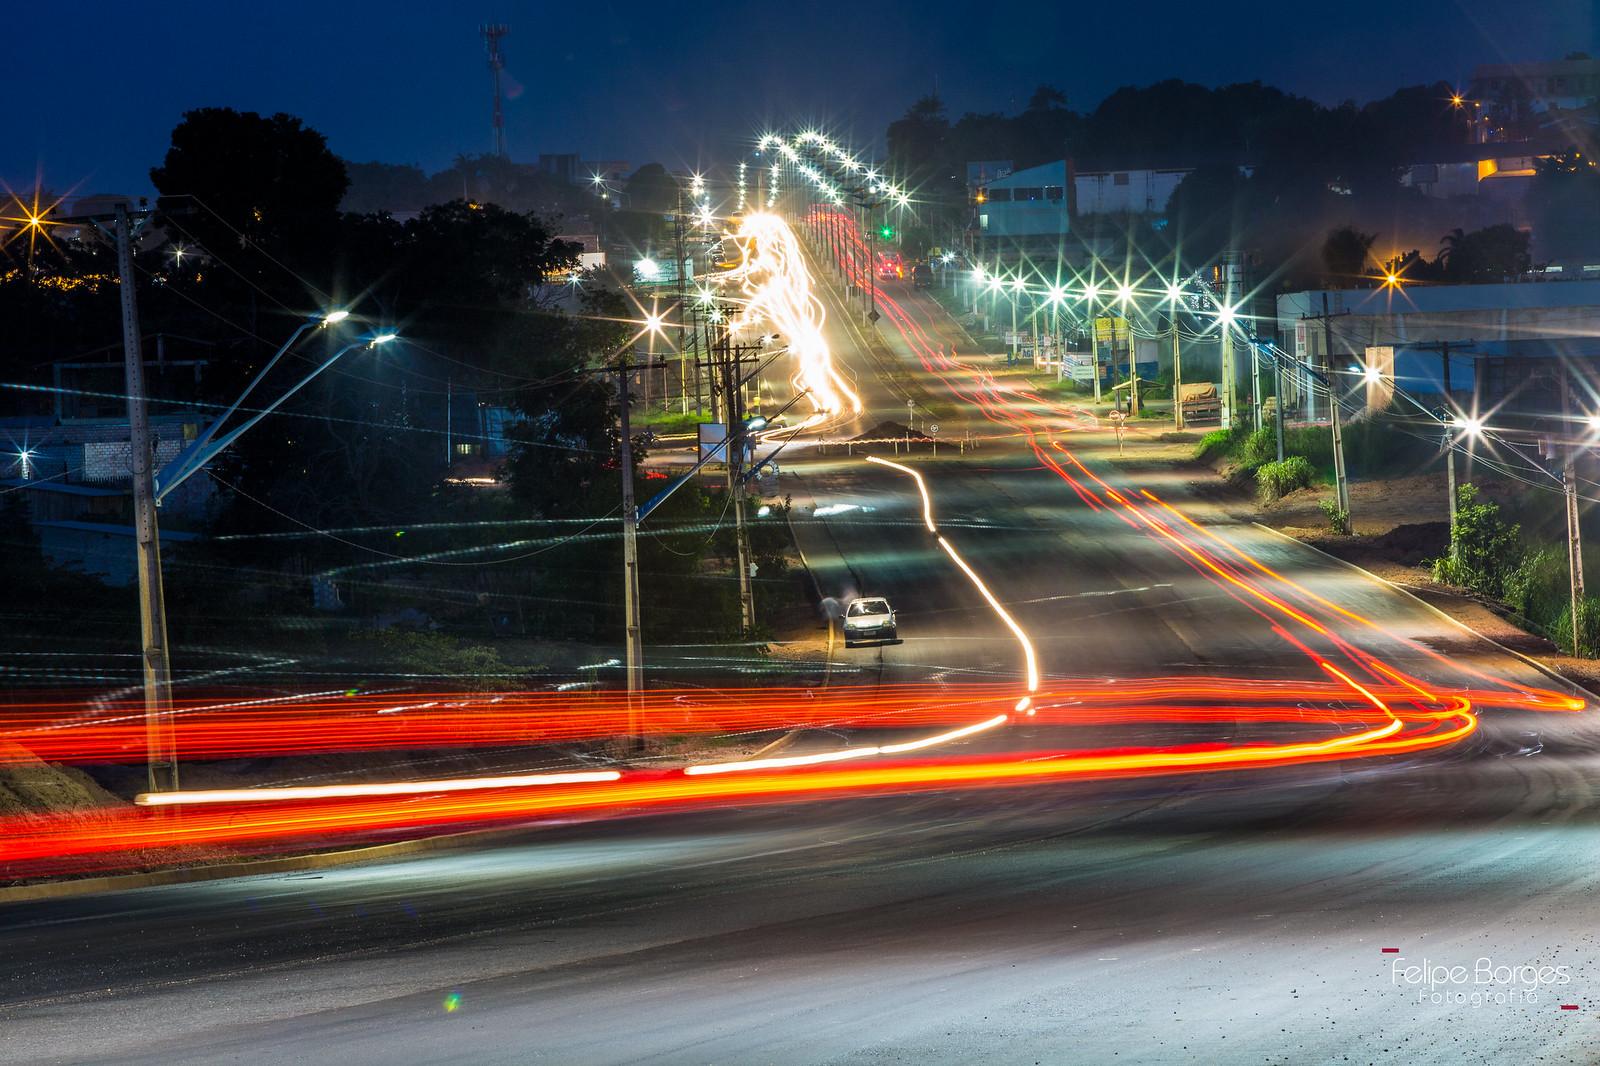 Santarém além do encontro das águas, por Felipe Borges. A rodovia que não para, Santarém. Fernando Guilhon. Foto Felipe Borges